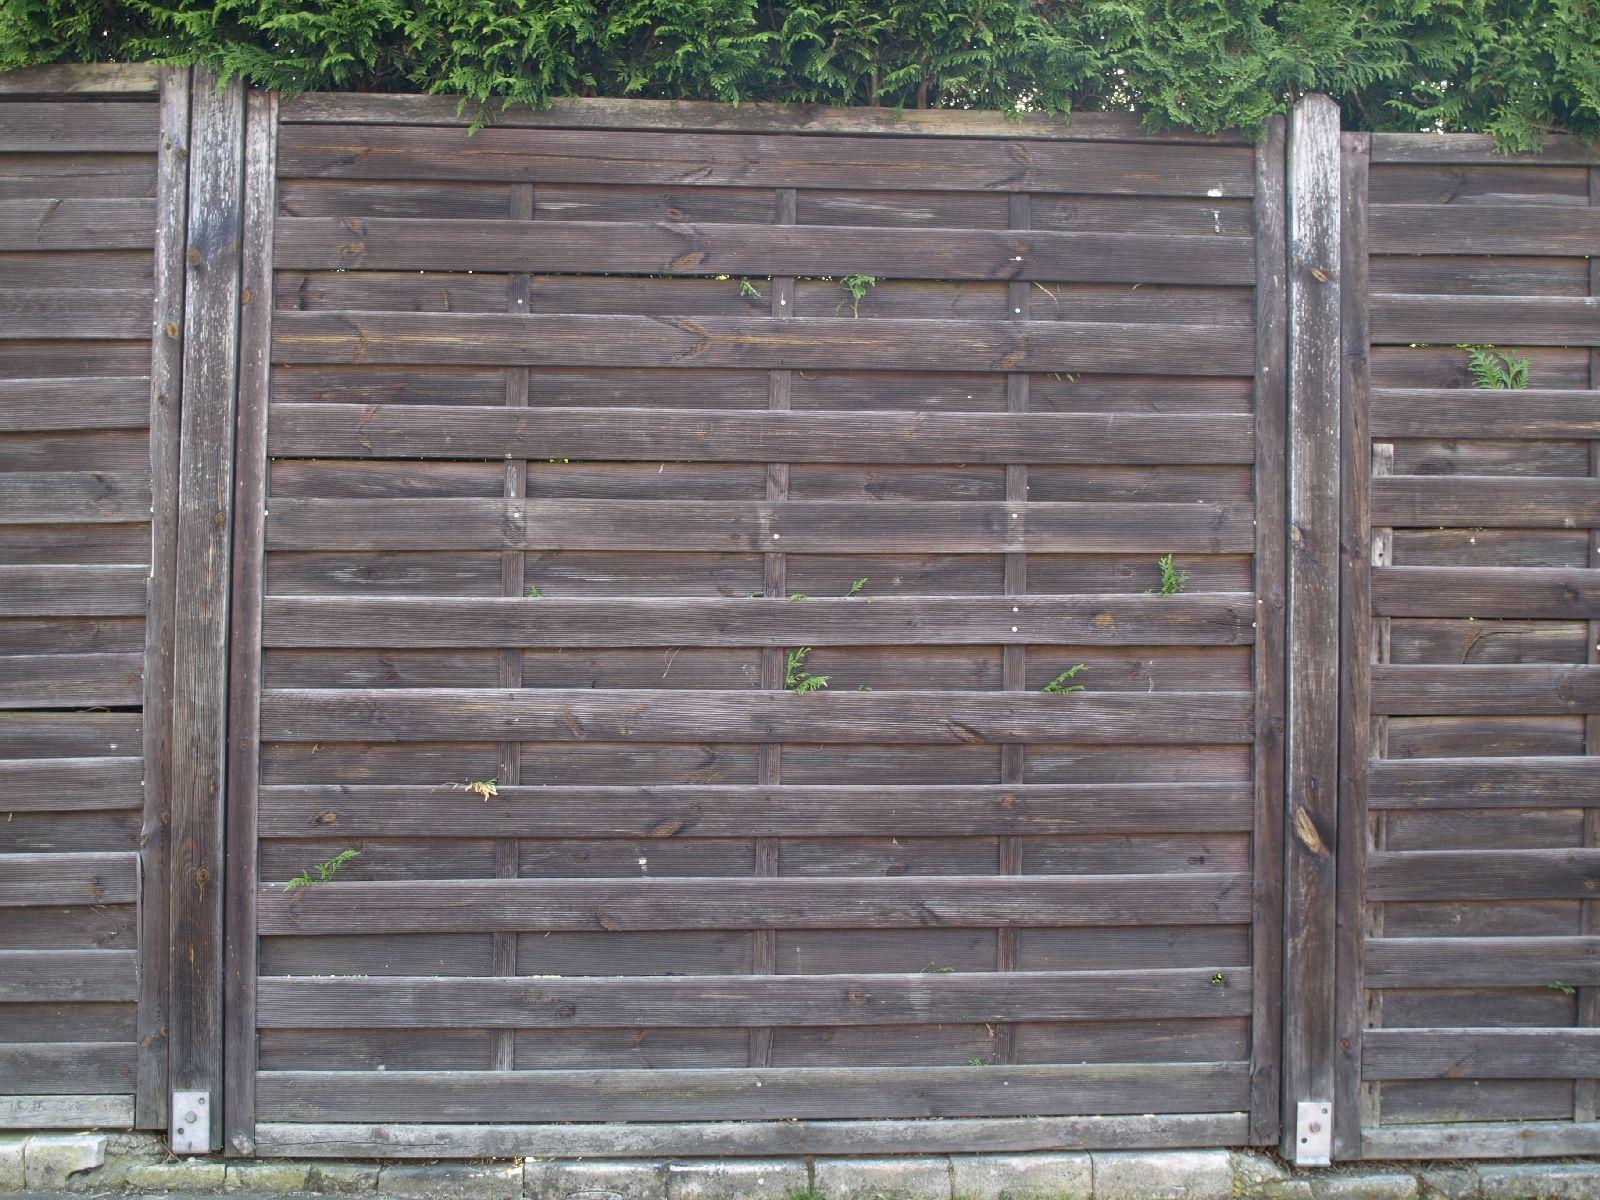 Holz_Textur_A_P5112651